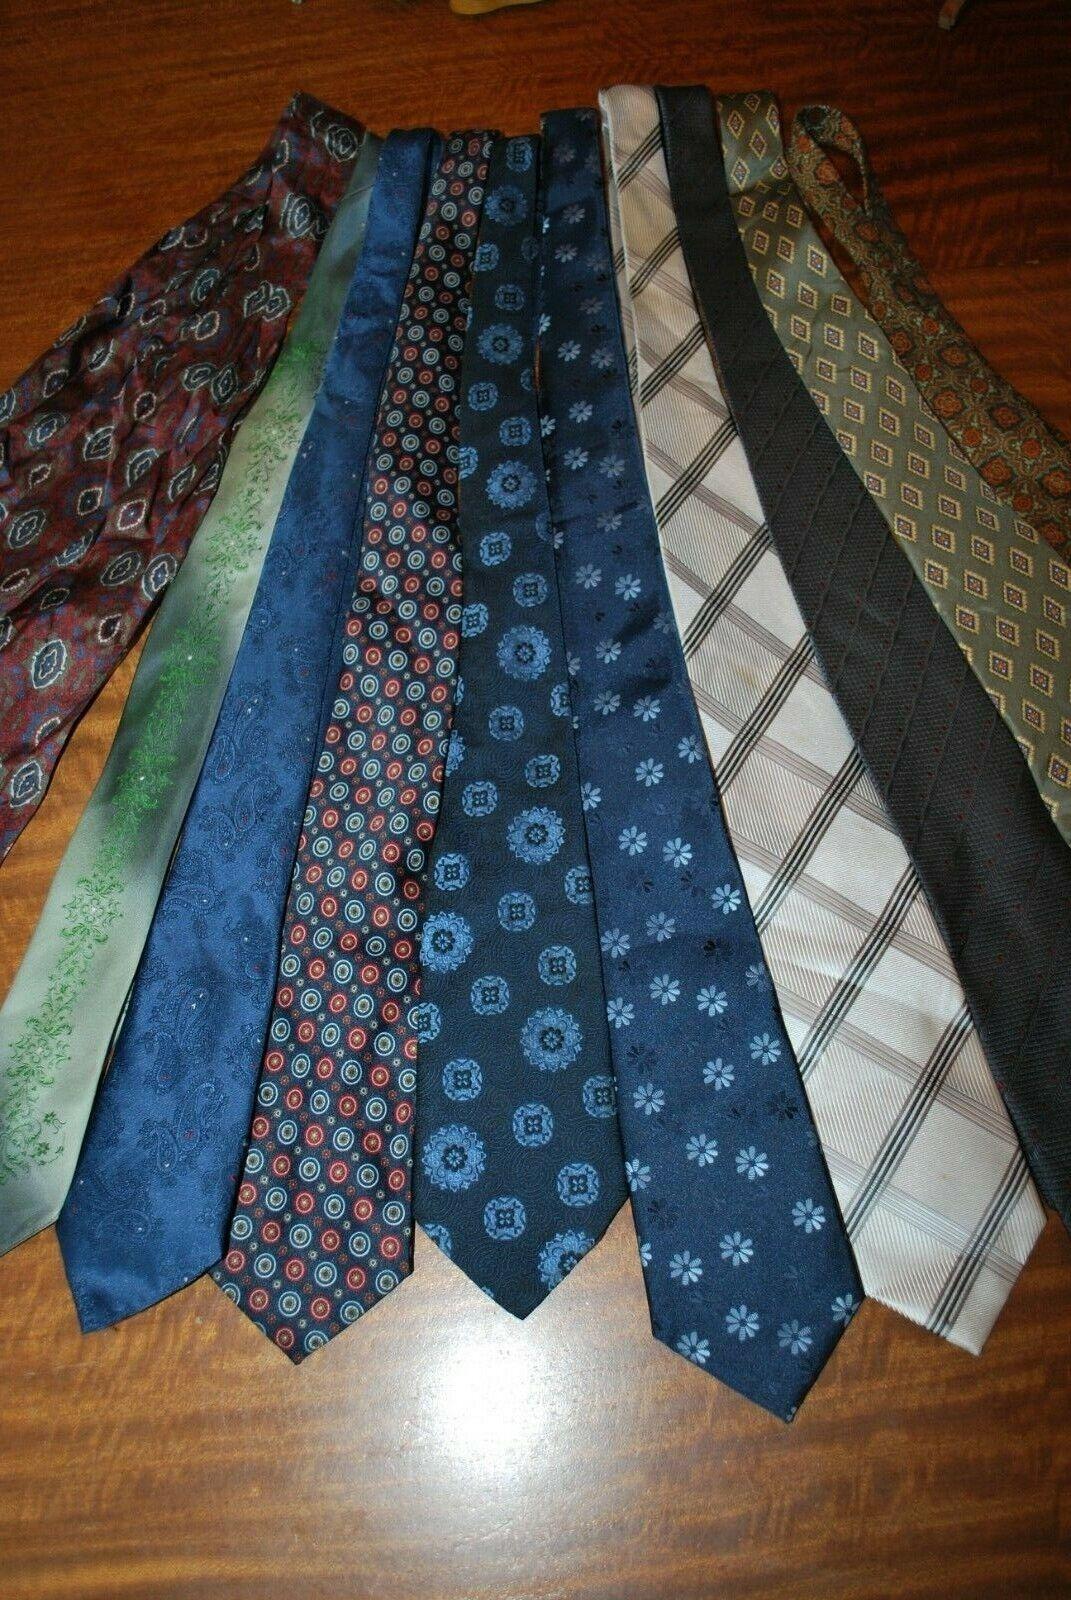 9 x various coloured patterned Tie's & 1 Cravat job lot bulk buy 16 vintage